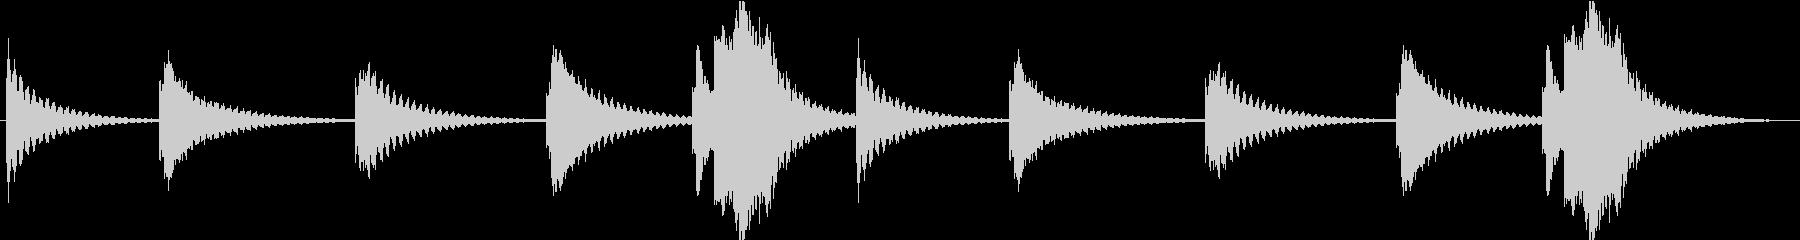 非常にユニークで奇妙なビブラフォン...の未再生の波形